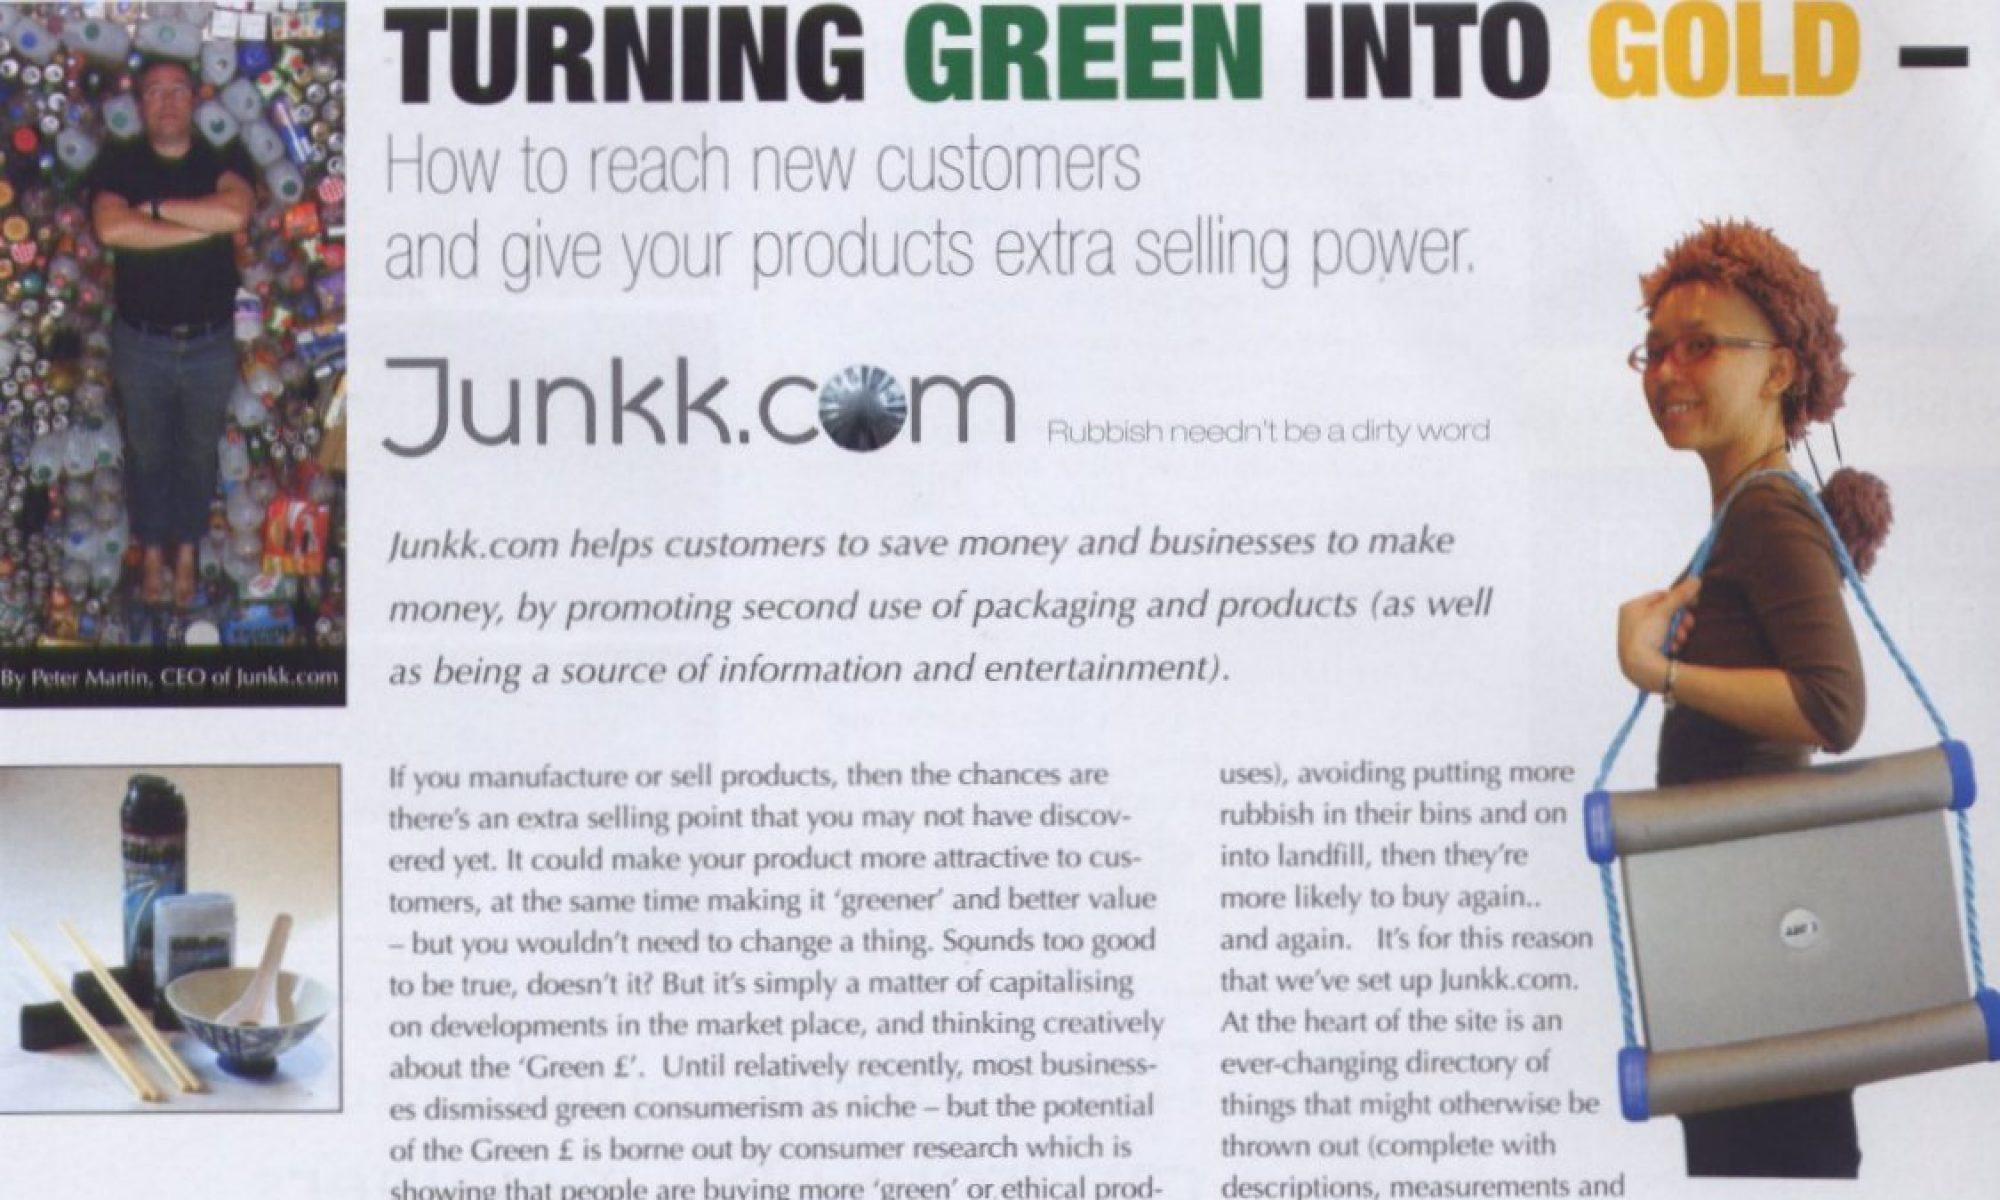 Junkk.com